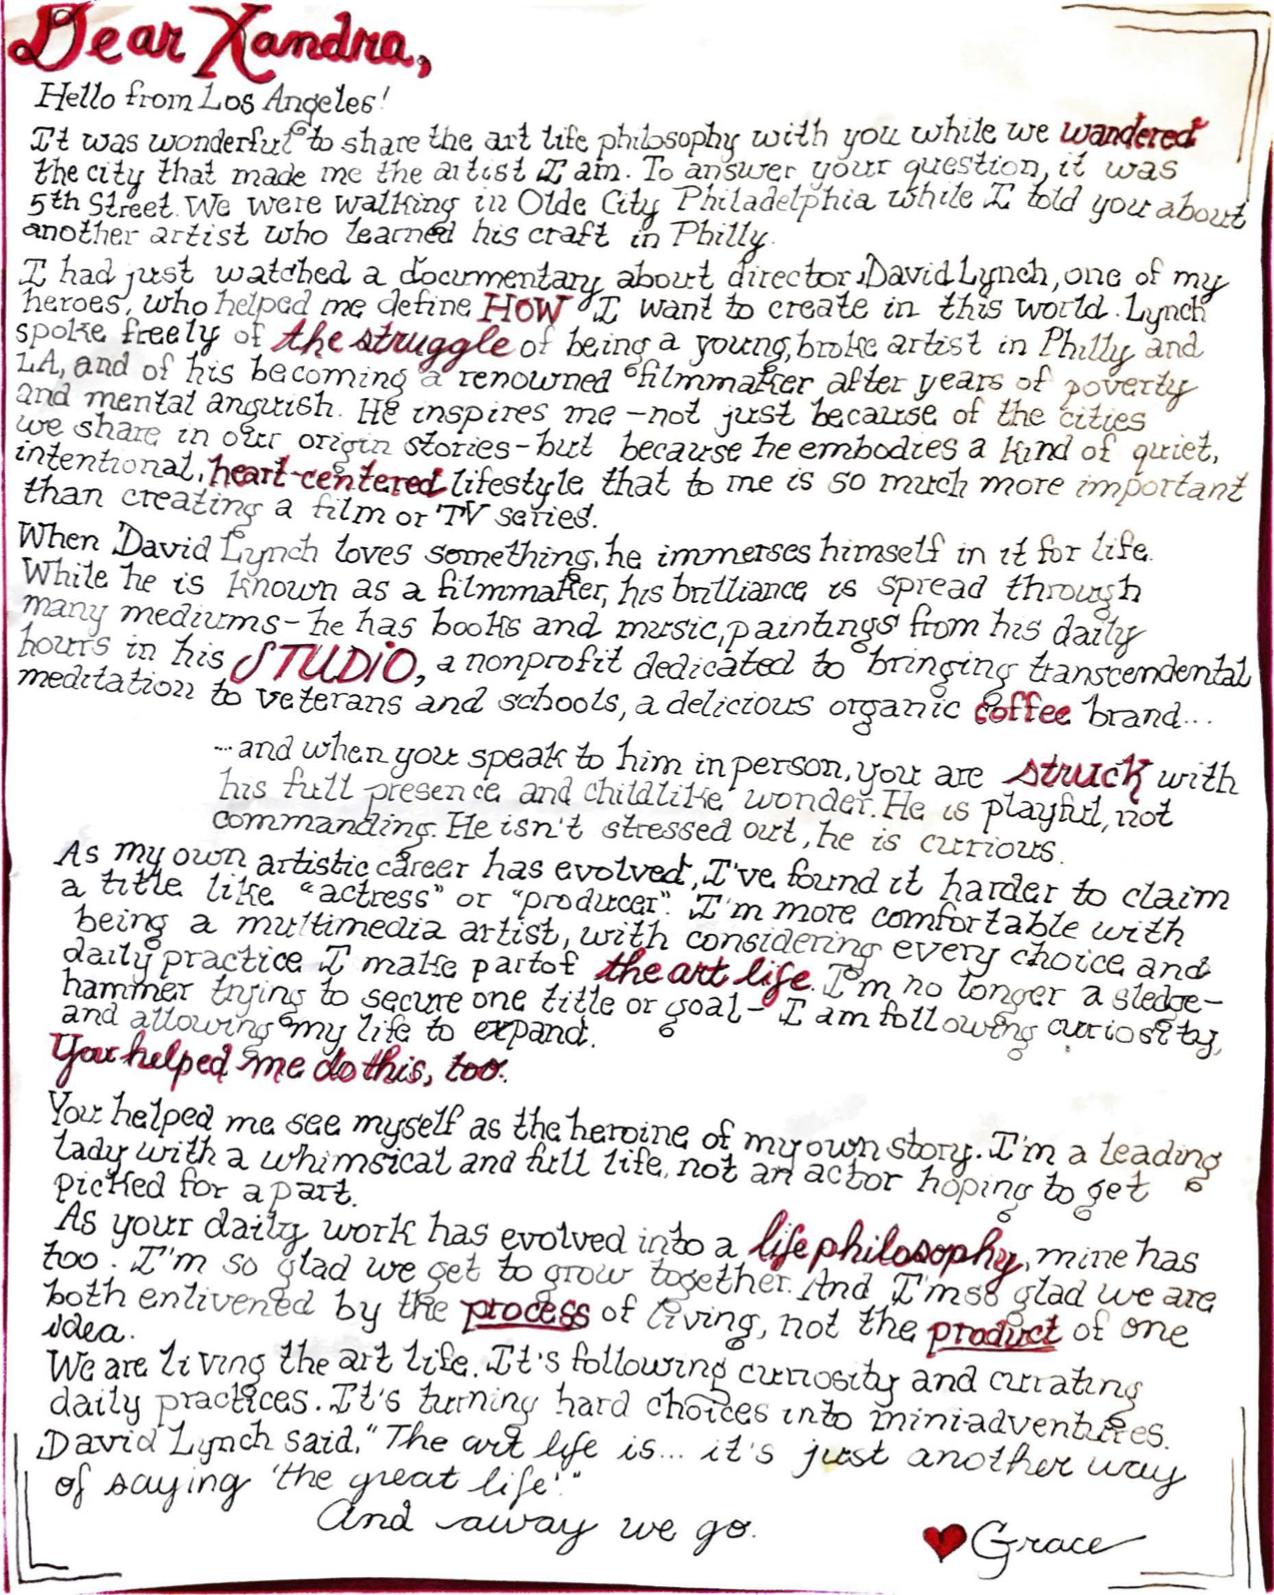 Dear Xandra